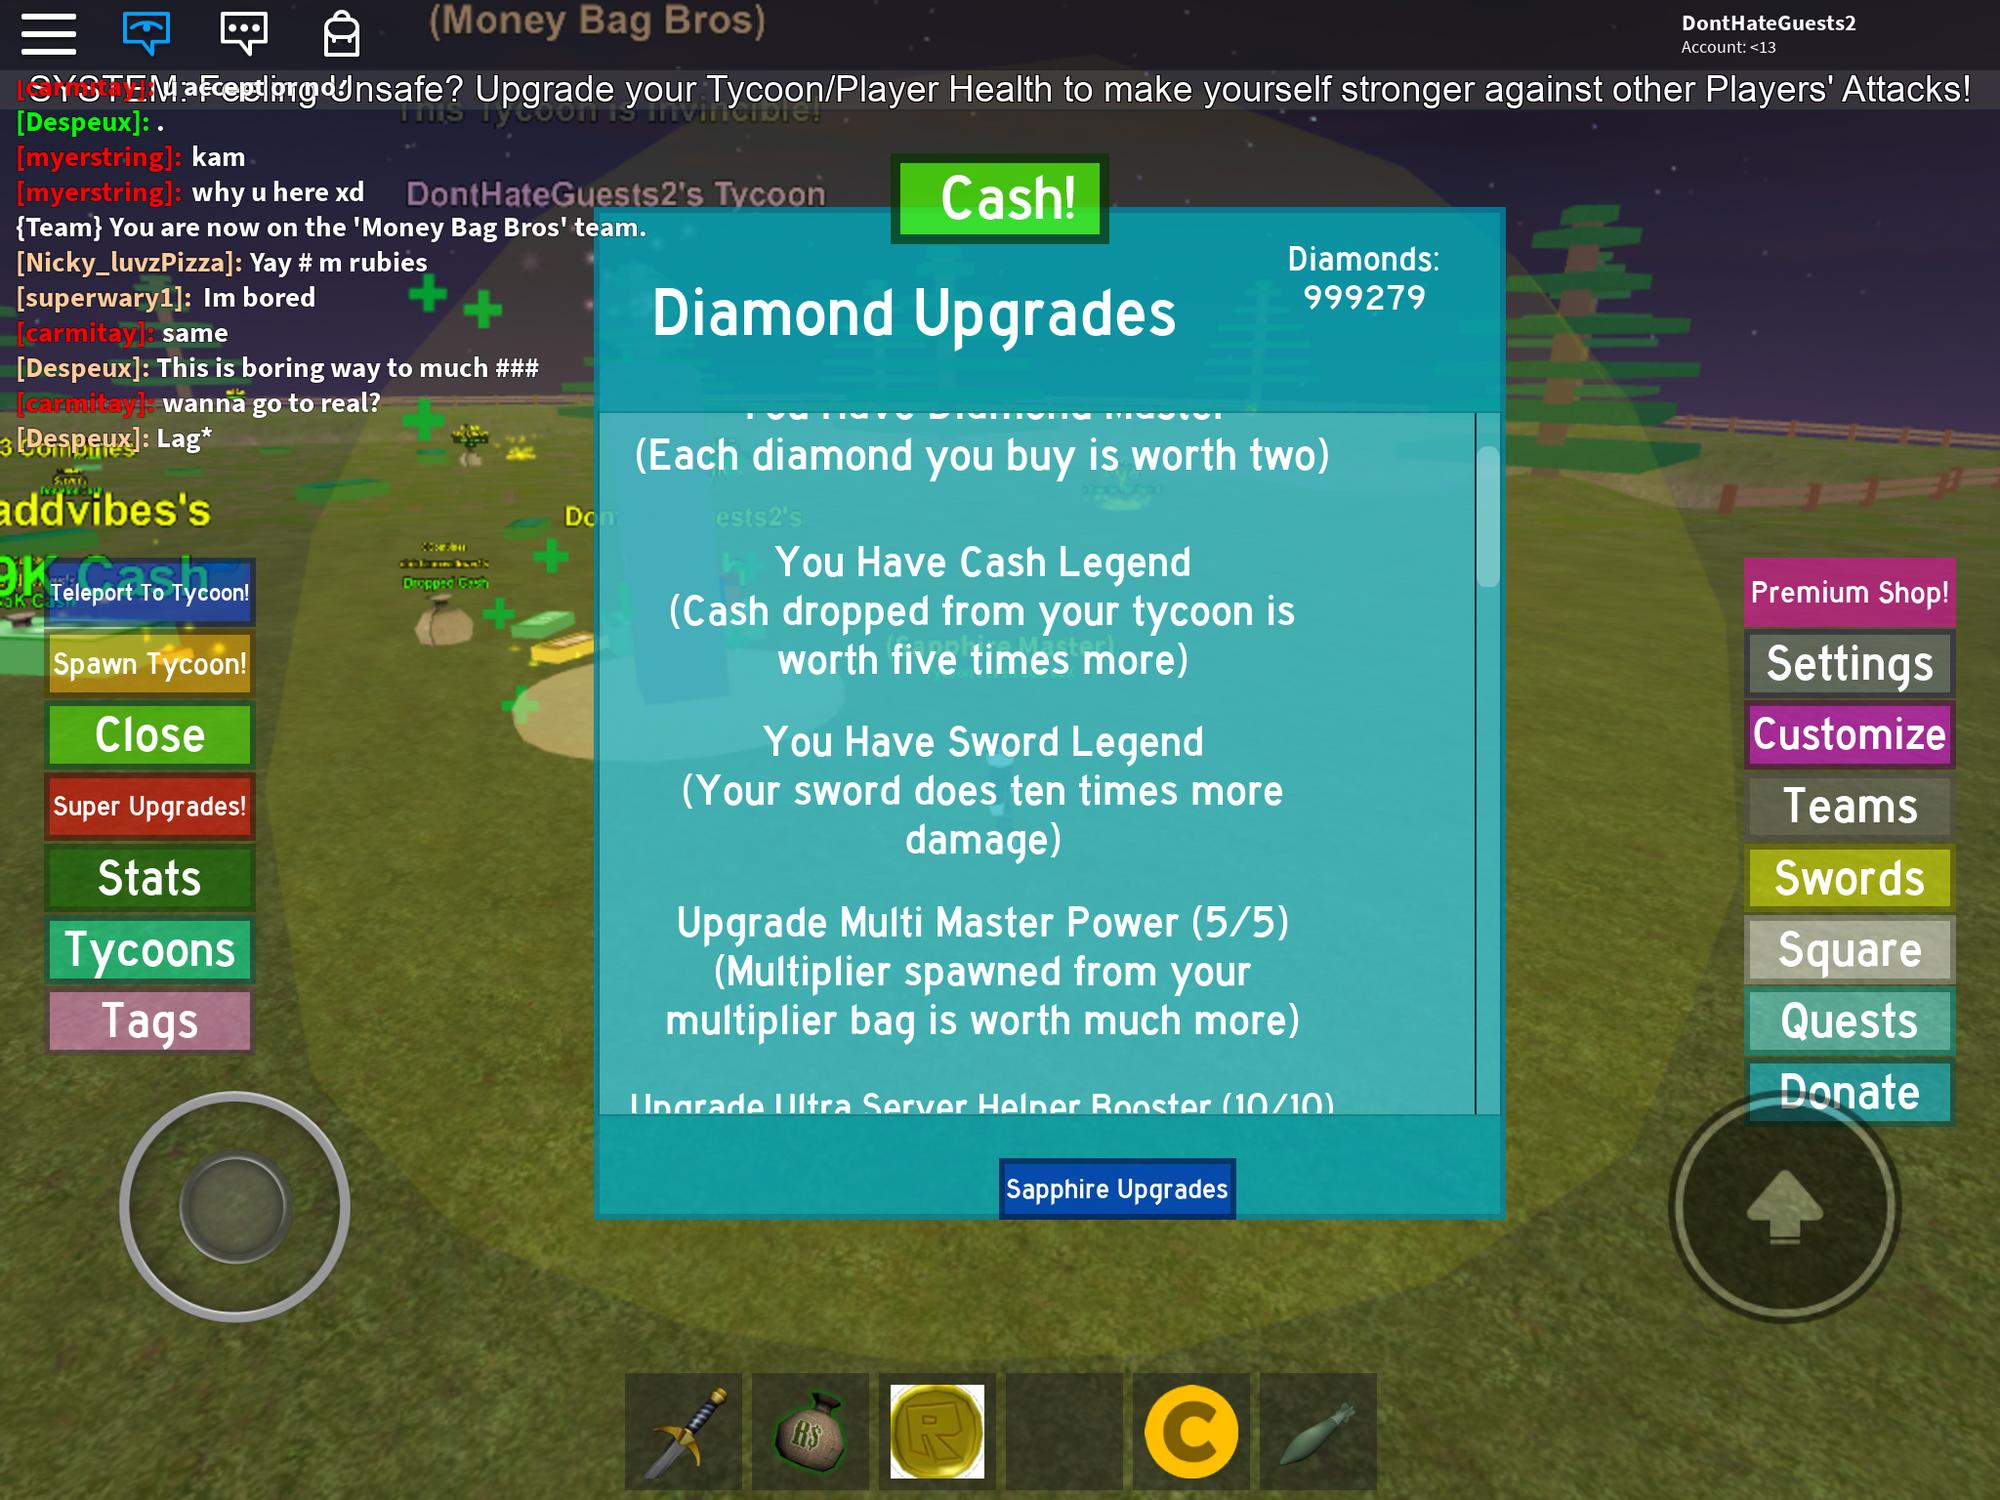 Diamonds | Tycoon simulator ROBLOX Wiki | FANDOM powered by Wikia